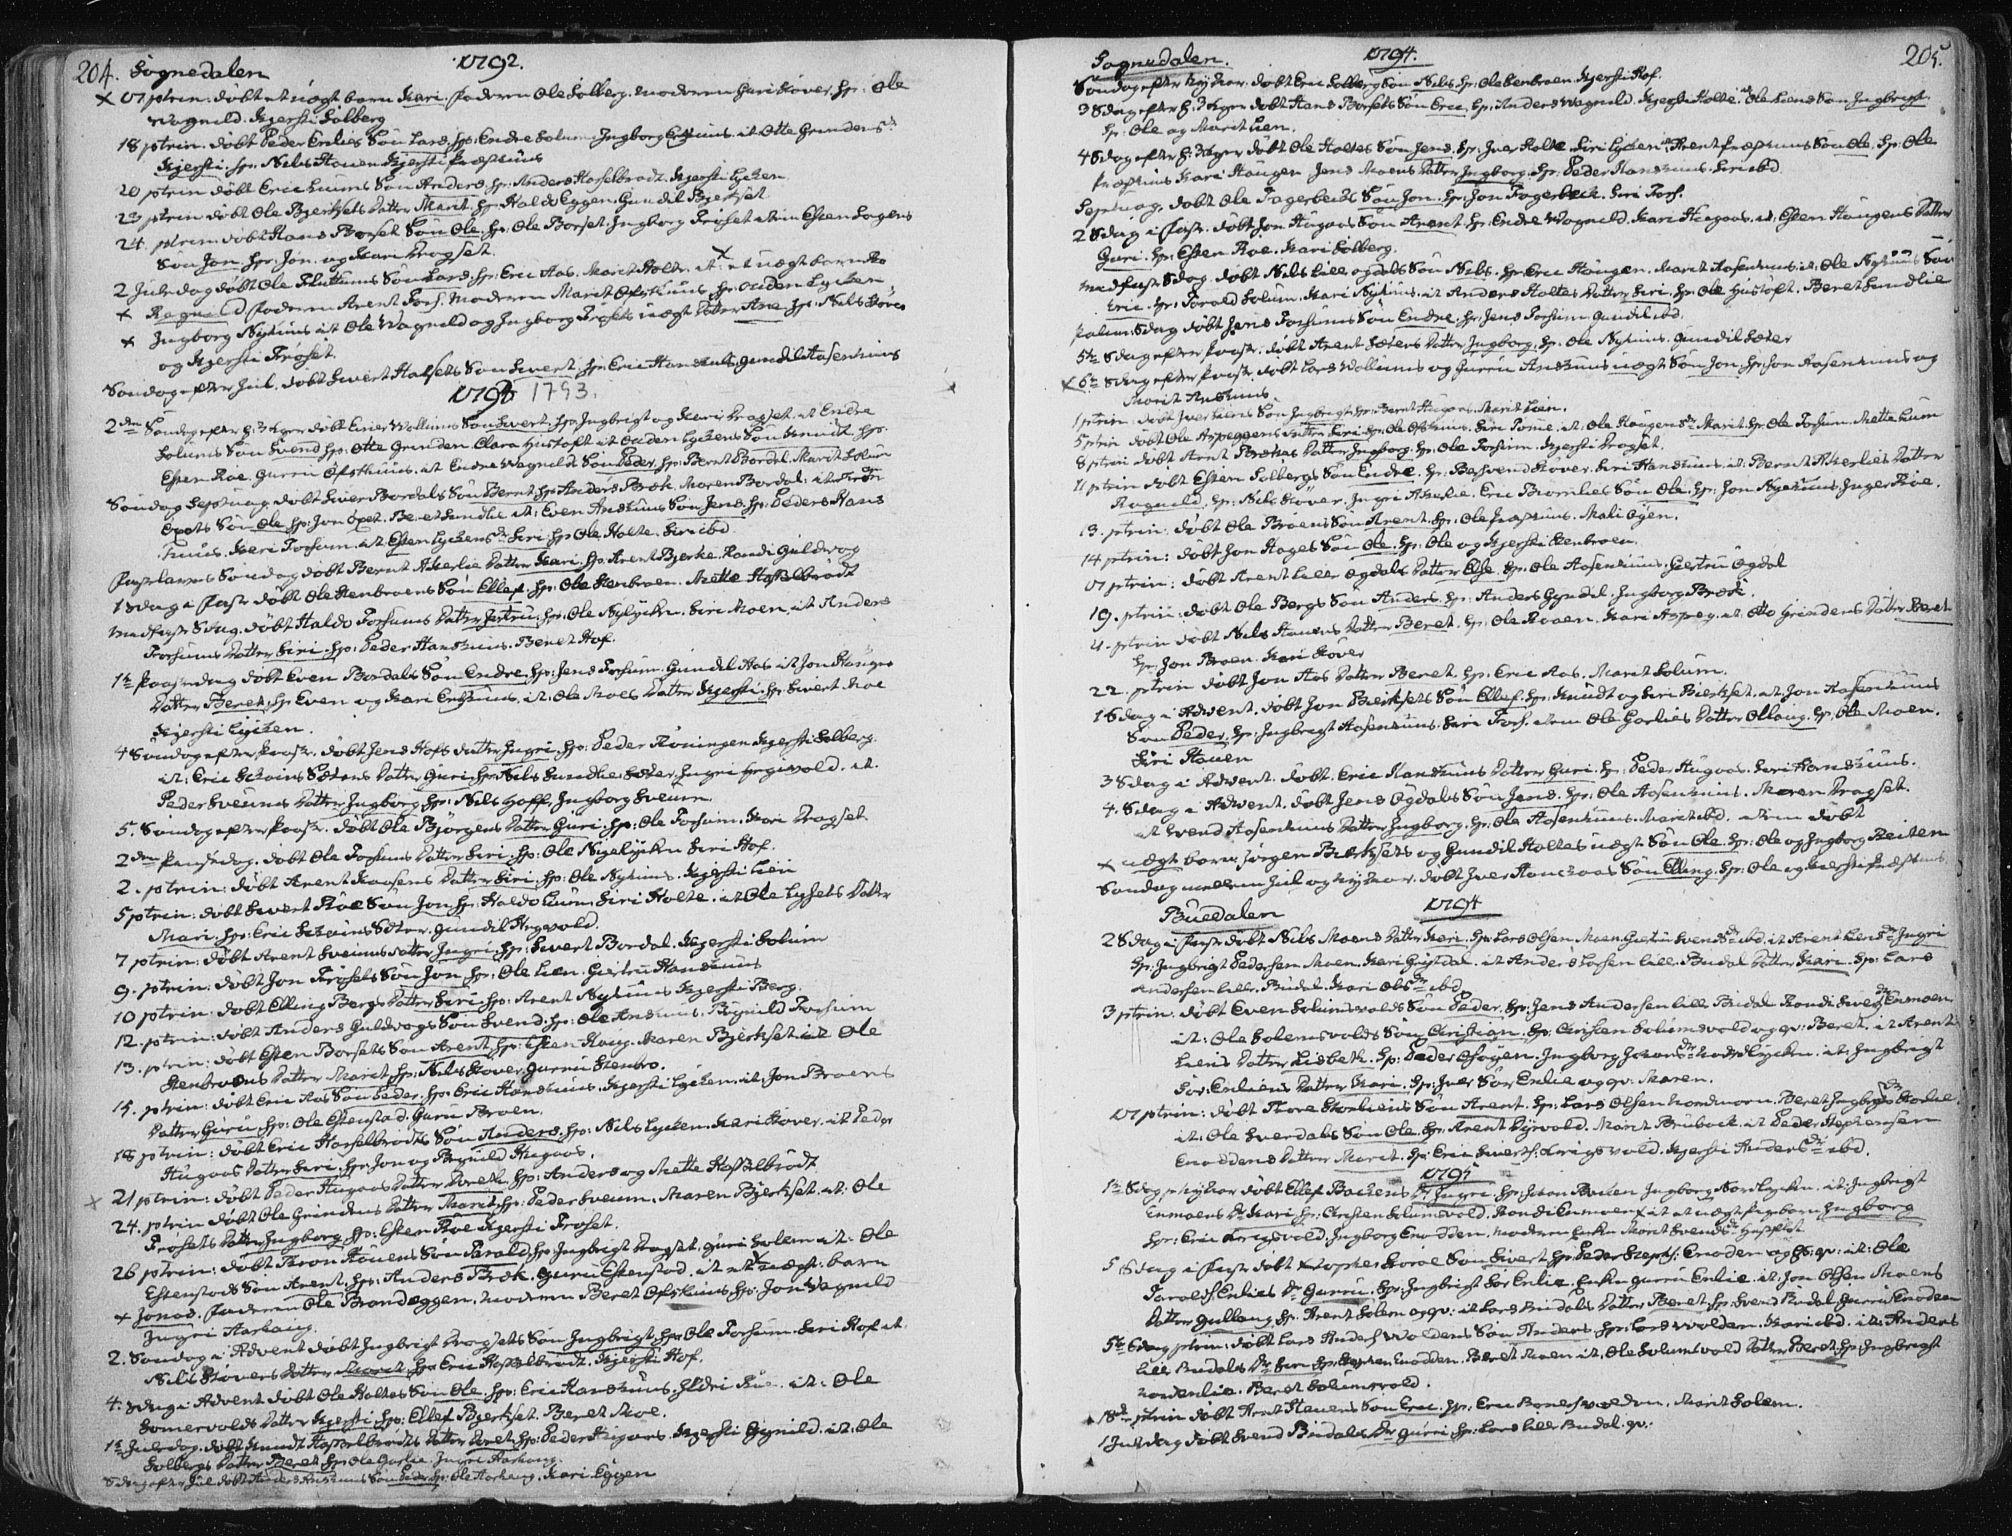 SAT, Ministerialprotokoller, klokkerbøker og fødselsregistre - Sør-Trøndelag, 687/L0992: Ministerialbok nr. 687A03 /1, 1788-1815, s. 204-205